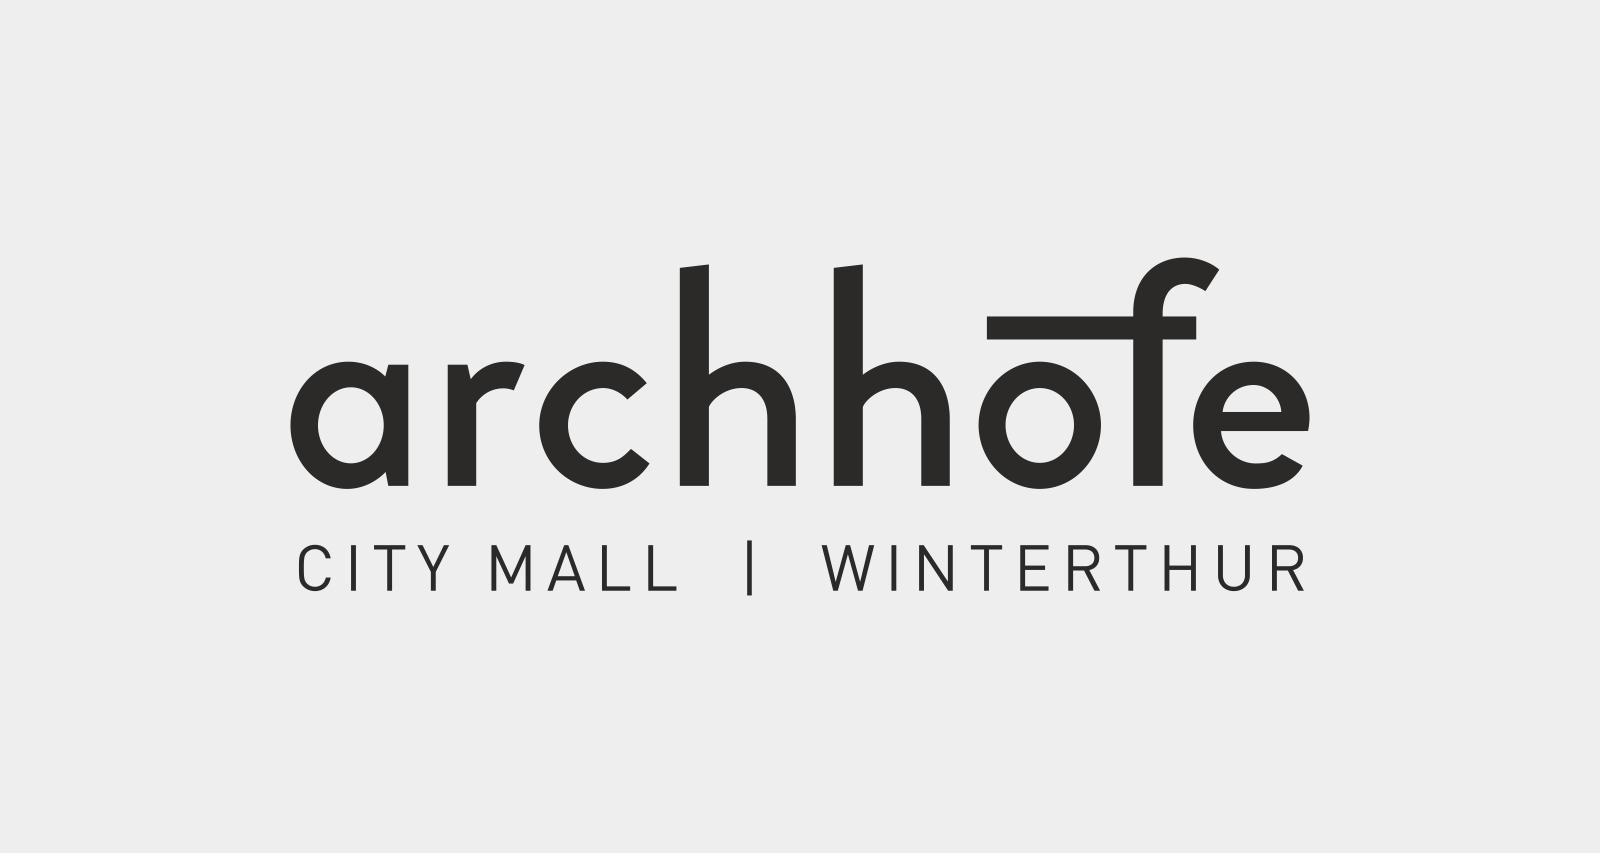 ARCHHÖFE